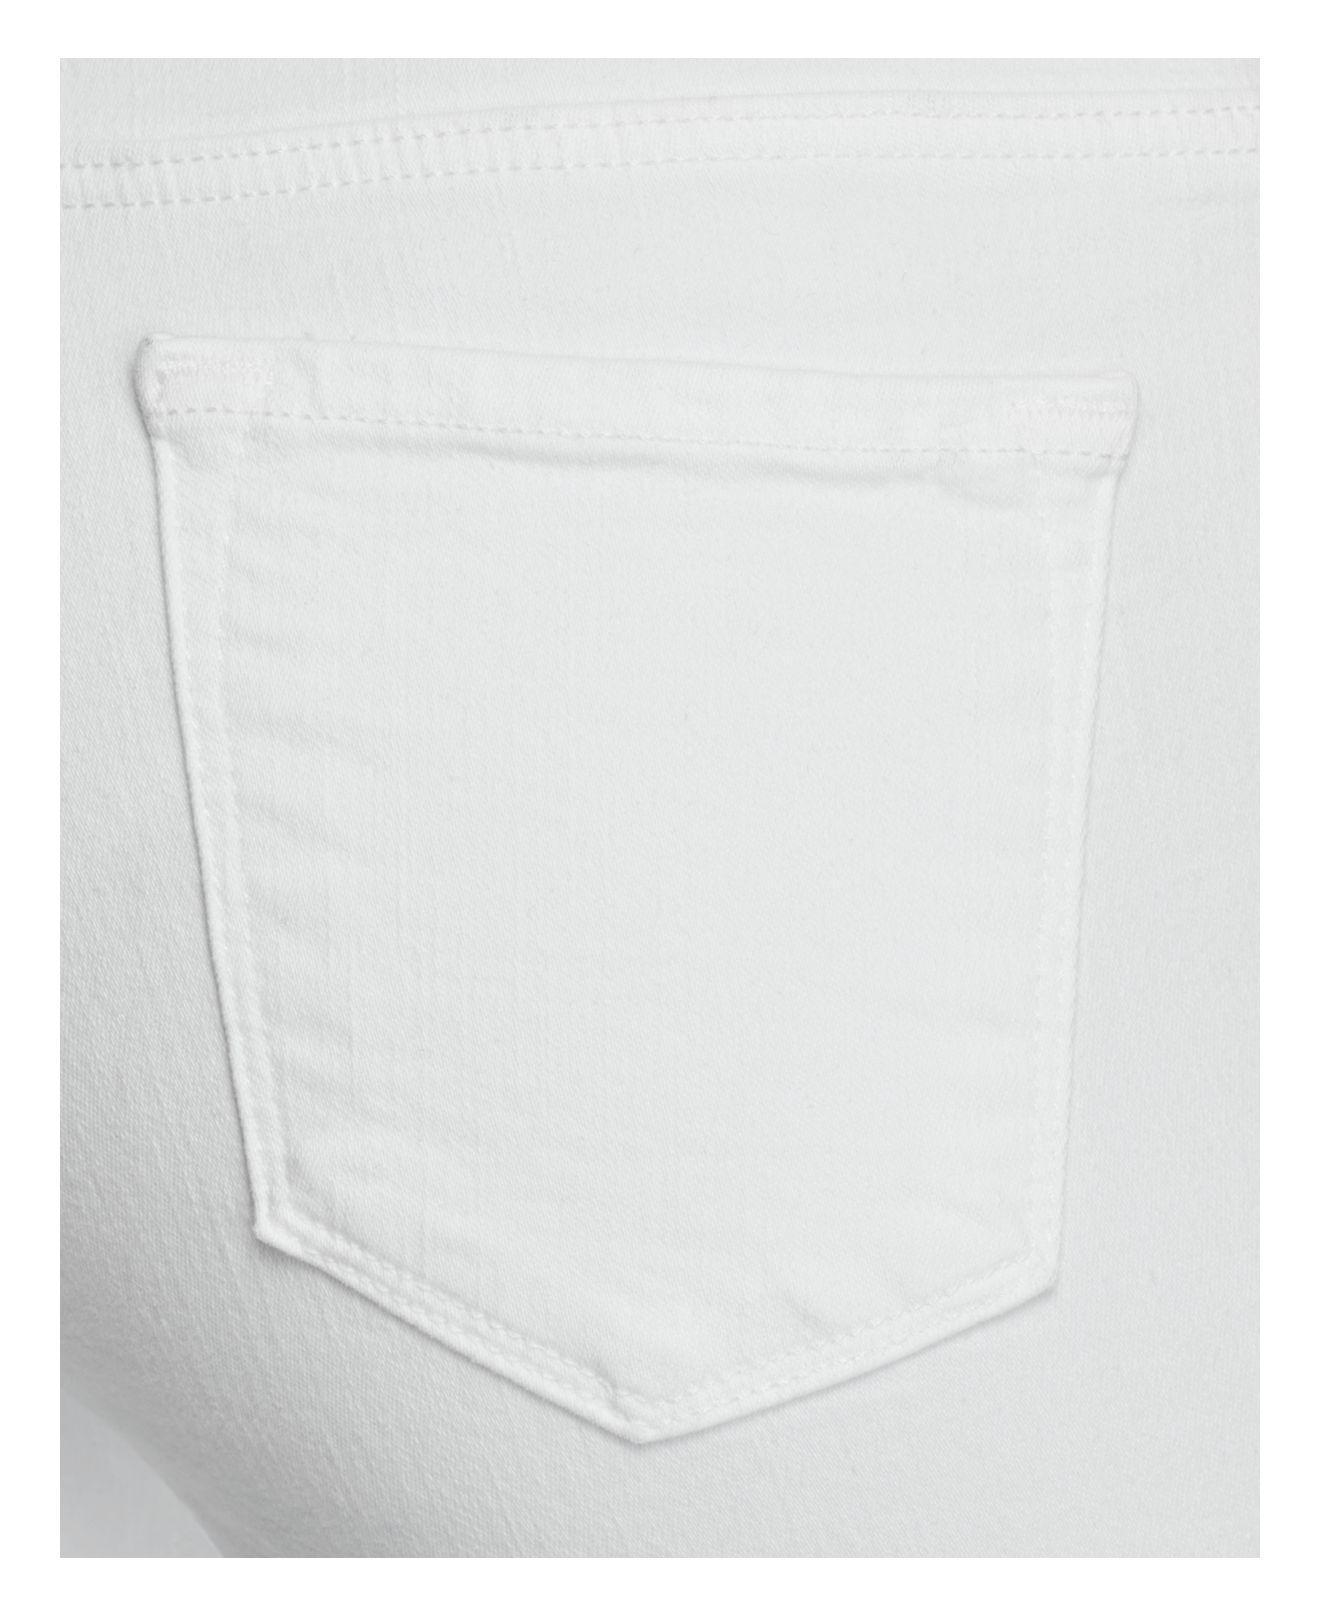 J Brand Denim Mama J Skinny Maternity Jeans In Blanc in White